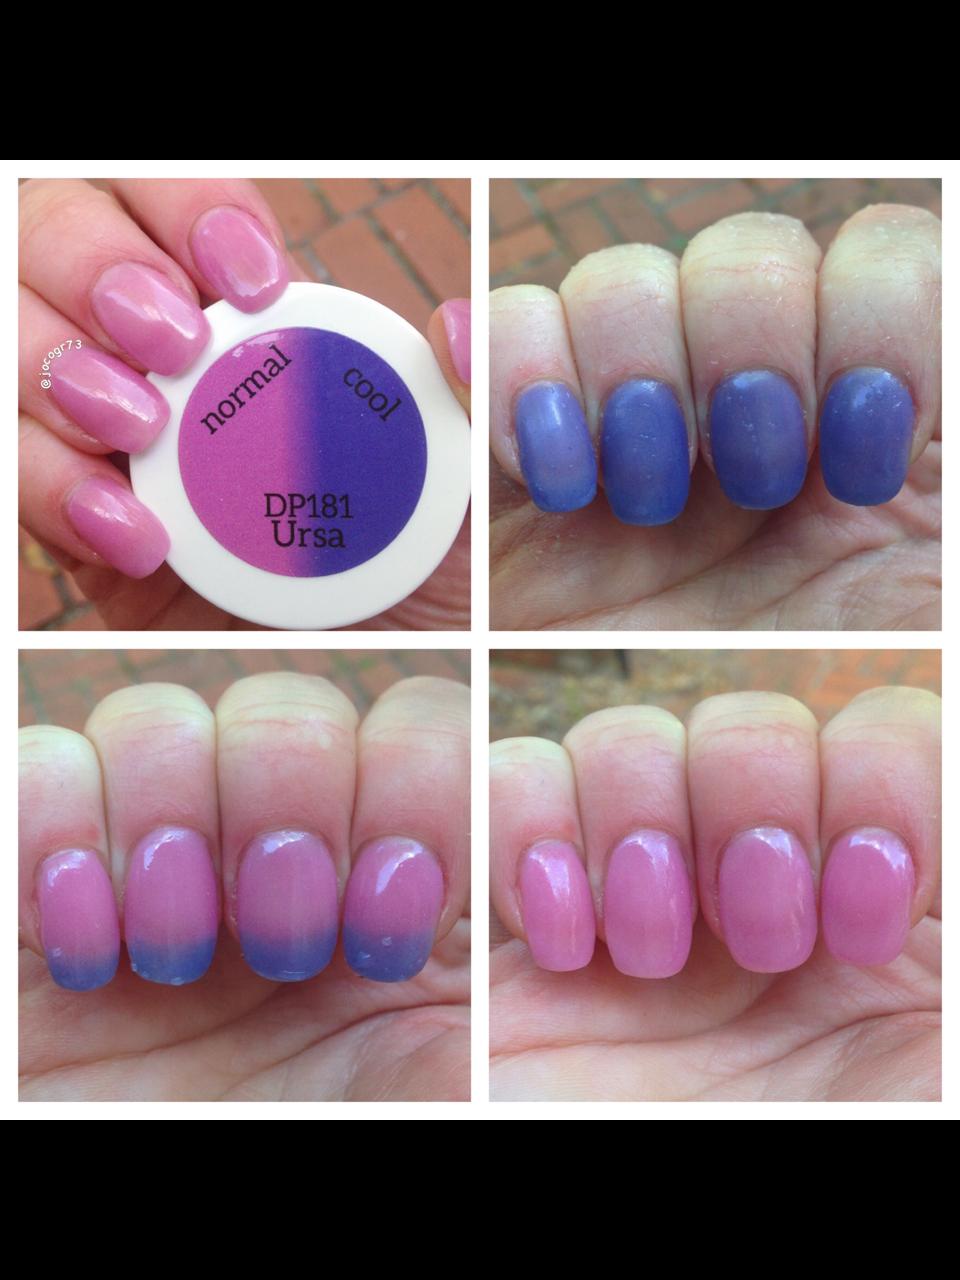 DP181 Ursa | Dipped nails and Nail products